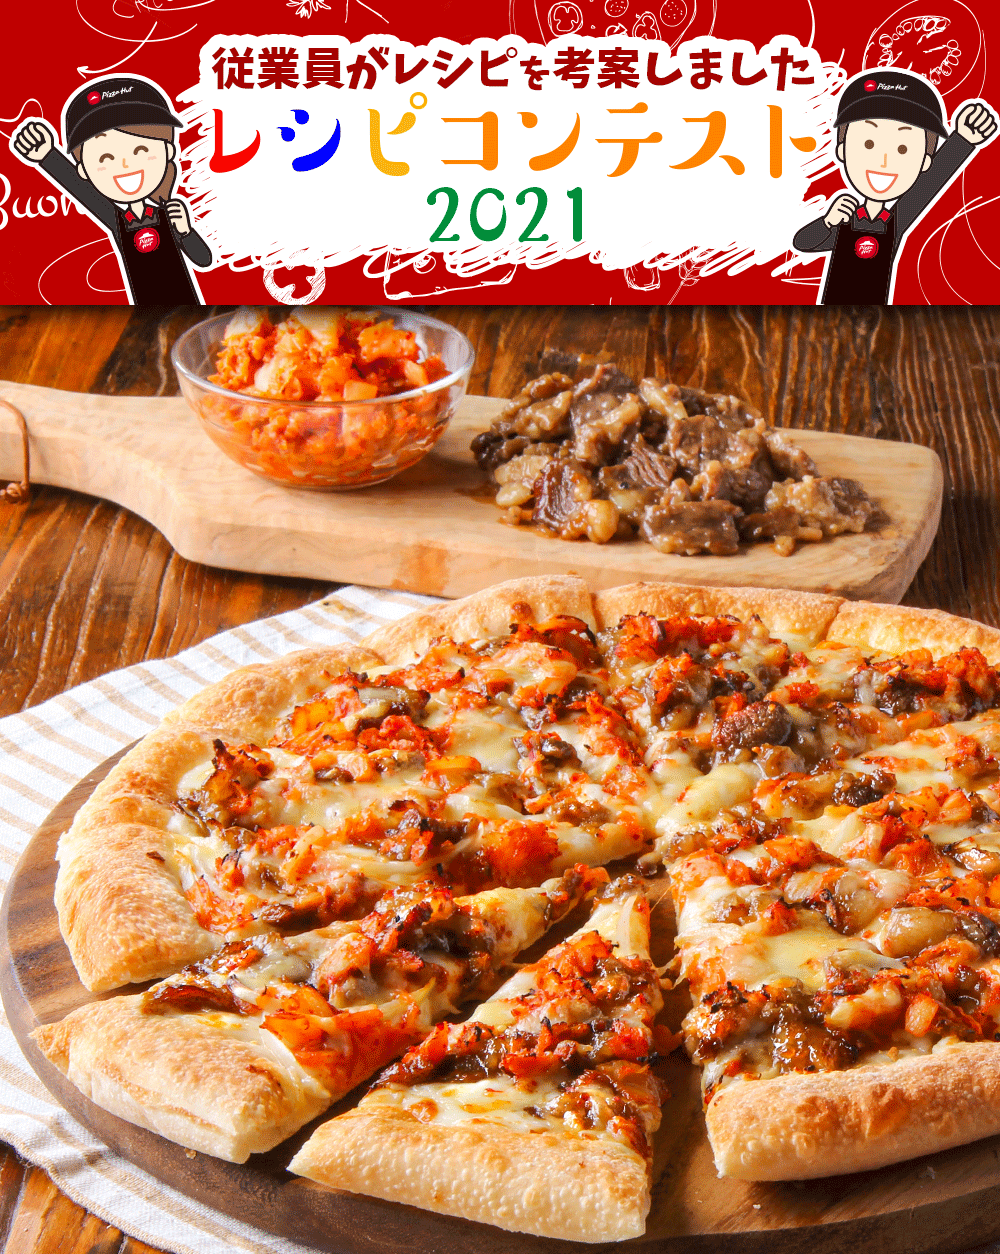 ピザハット従業員が考案した「レシピコンテスト」グランプリ受賞ピザ